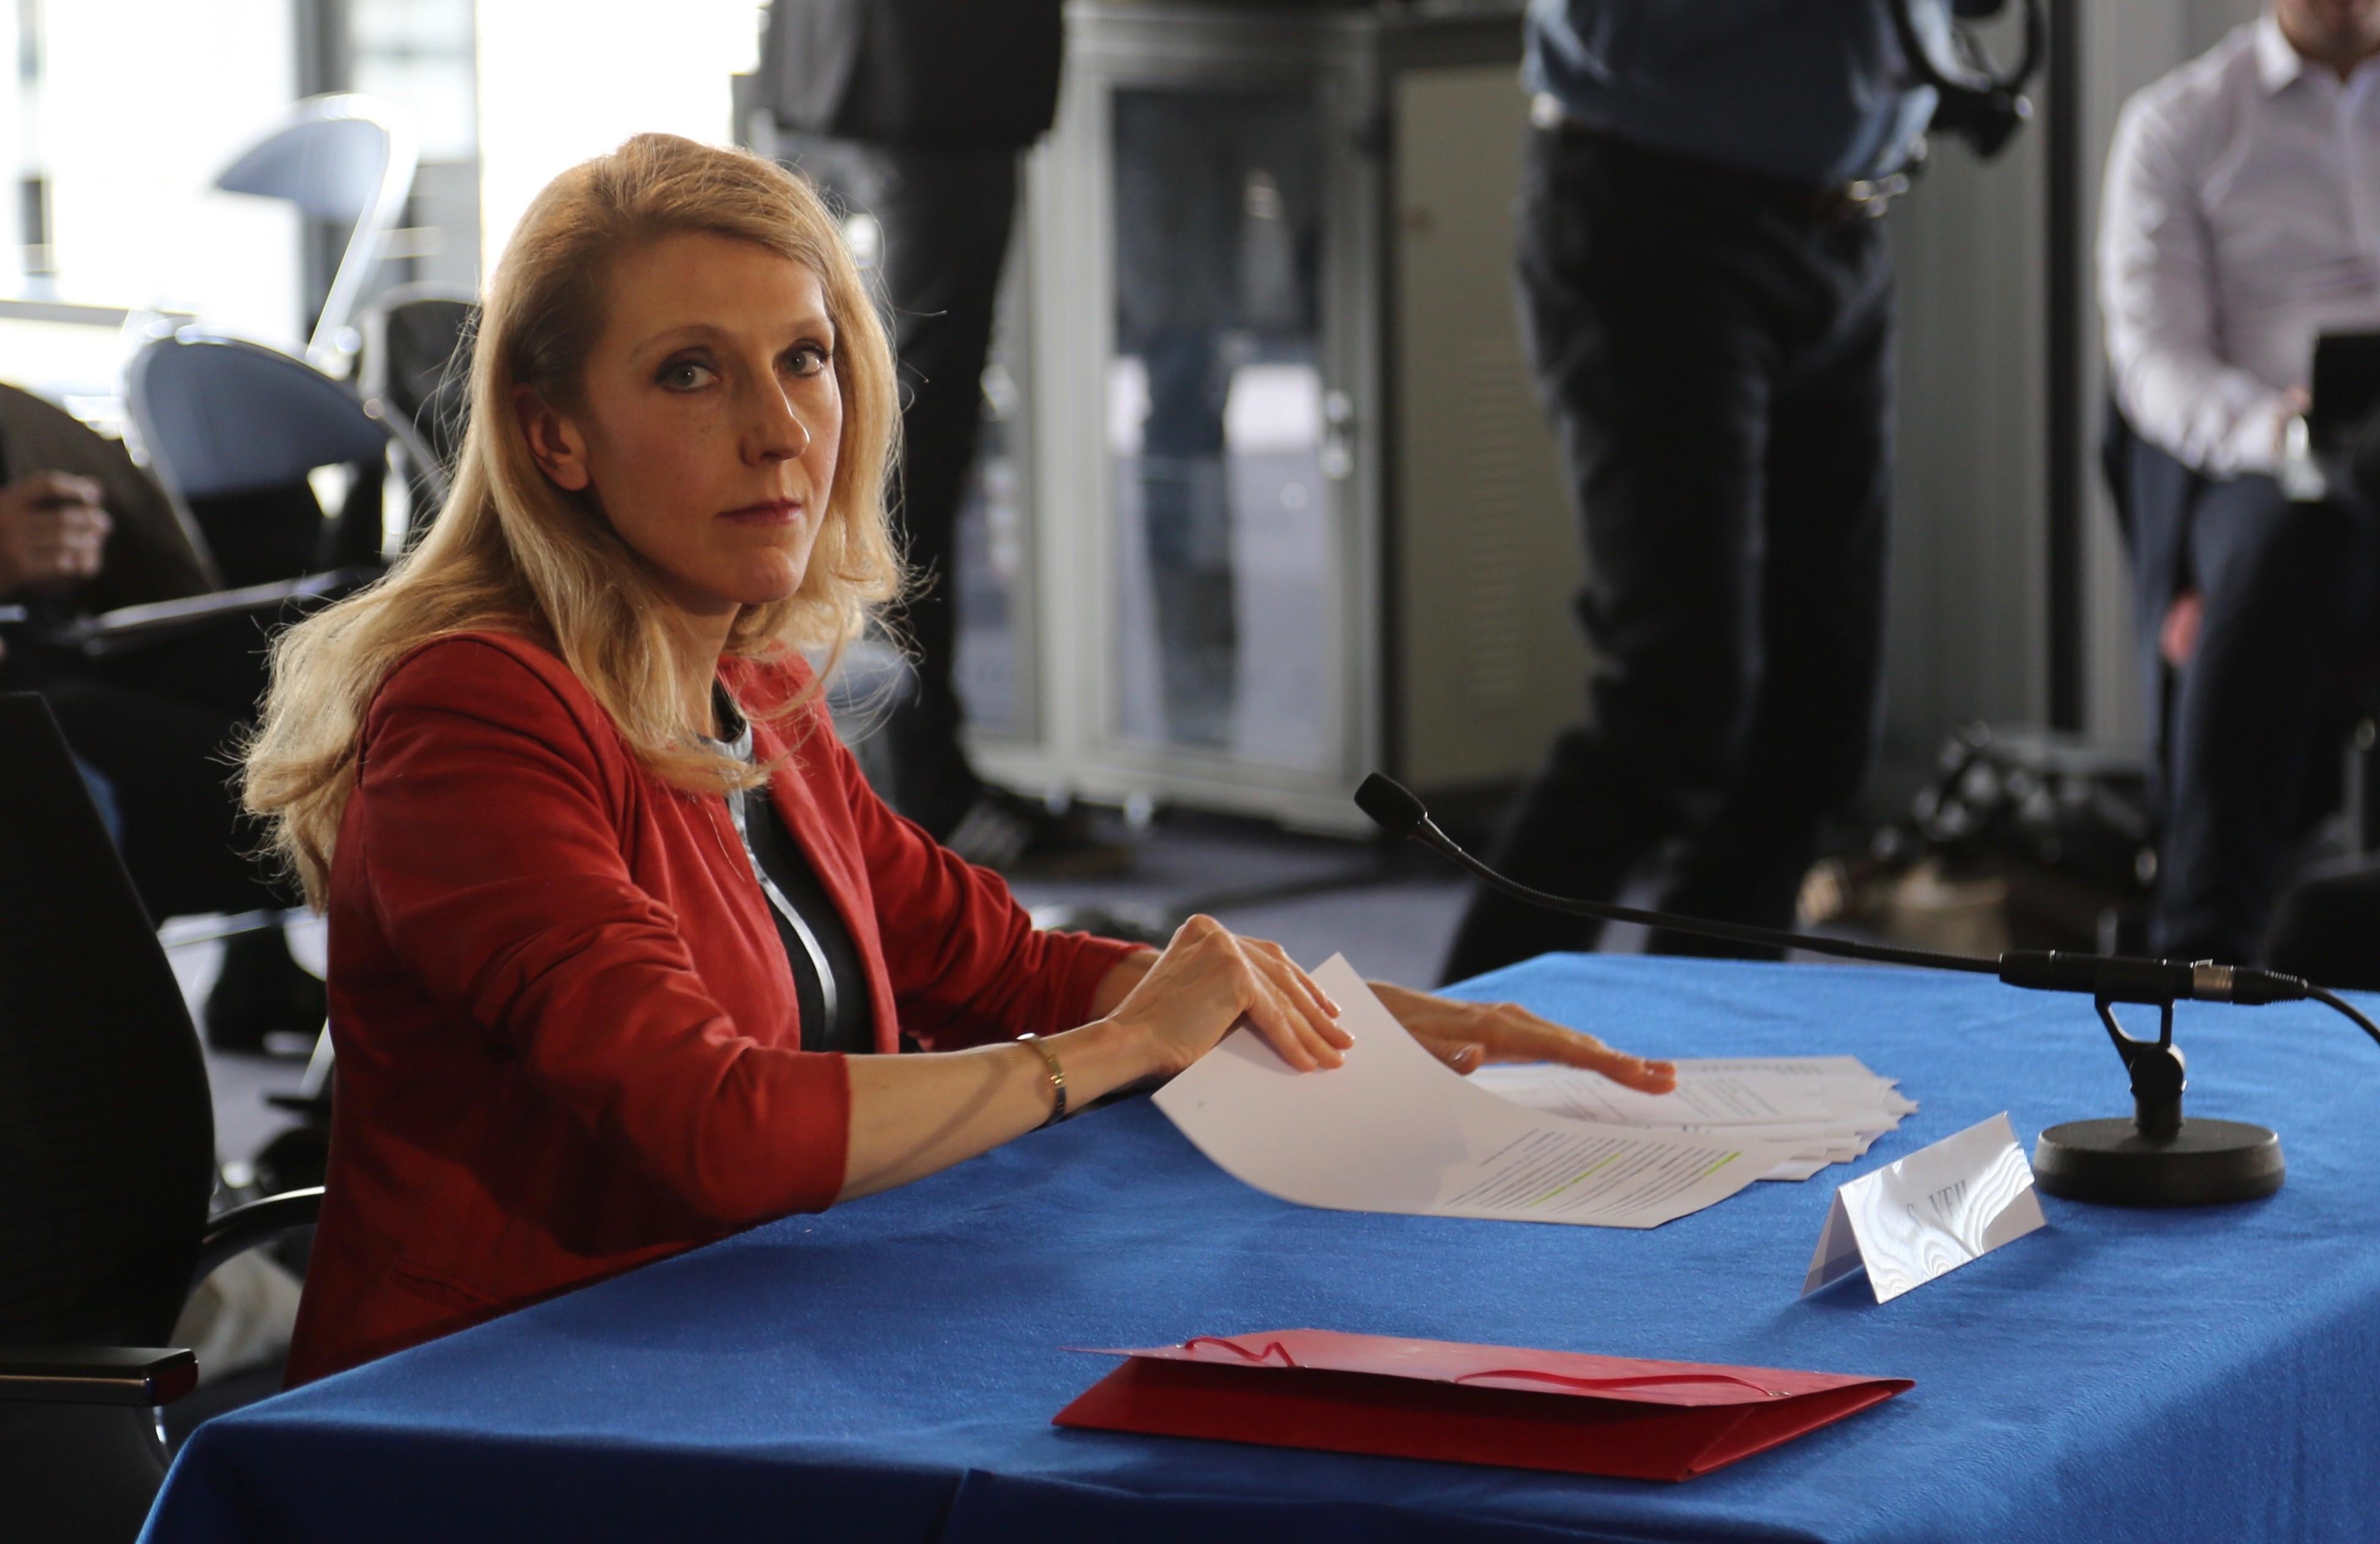 Sibyle Veil, la nouvelle présidente de Radio France, lors de son audition ce mercredi au CSA © Serge Surpin / La Lettre Pro de la Radio